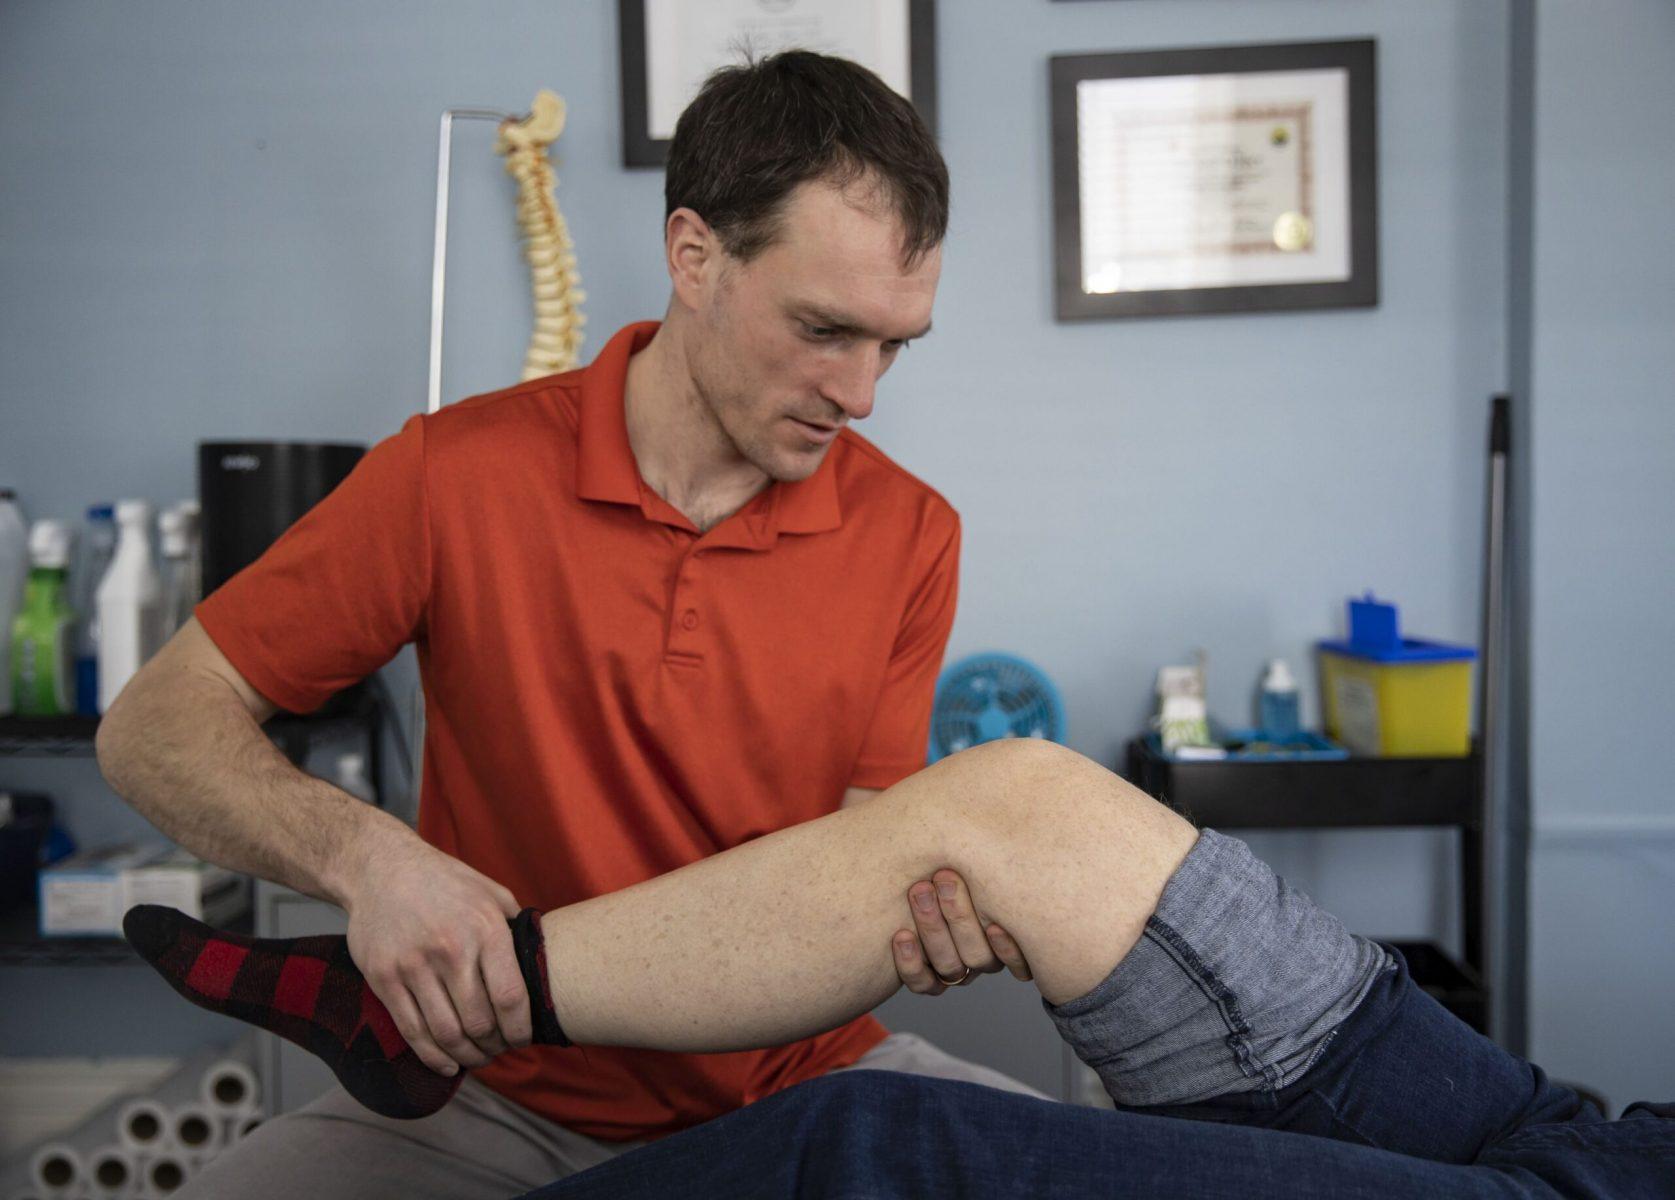 Assessment of knee